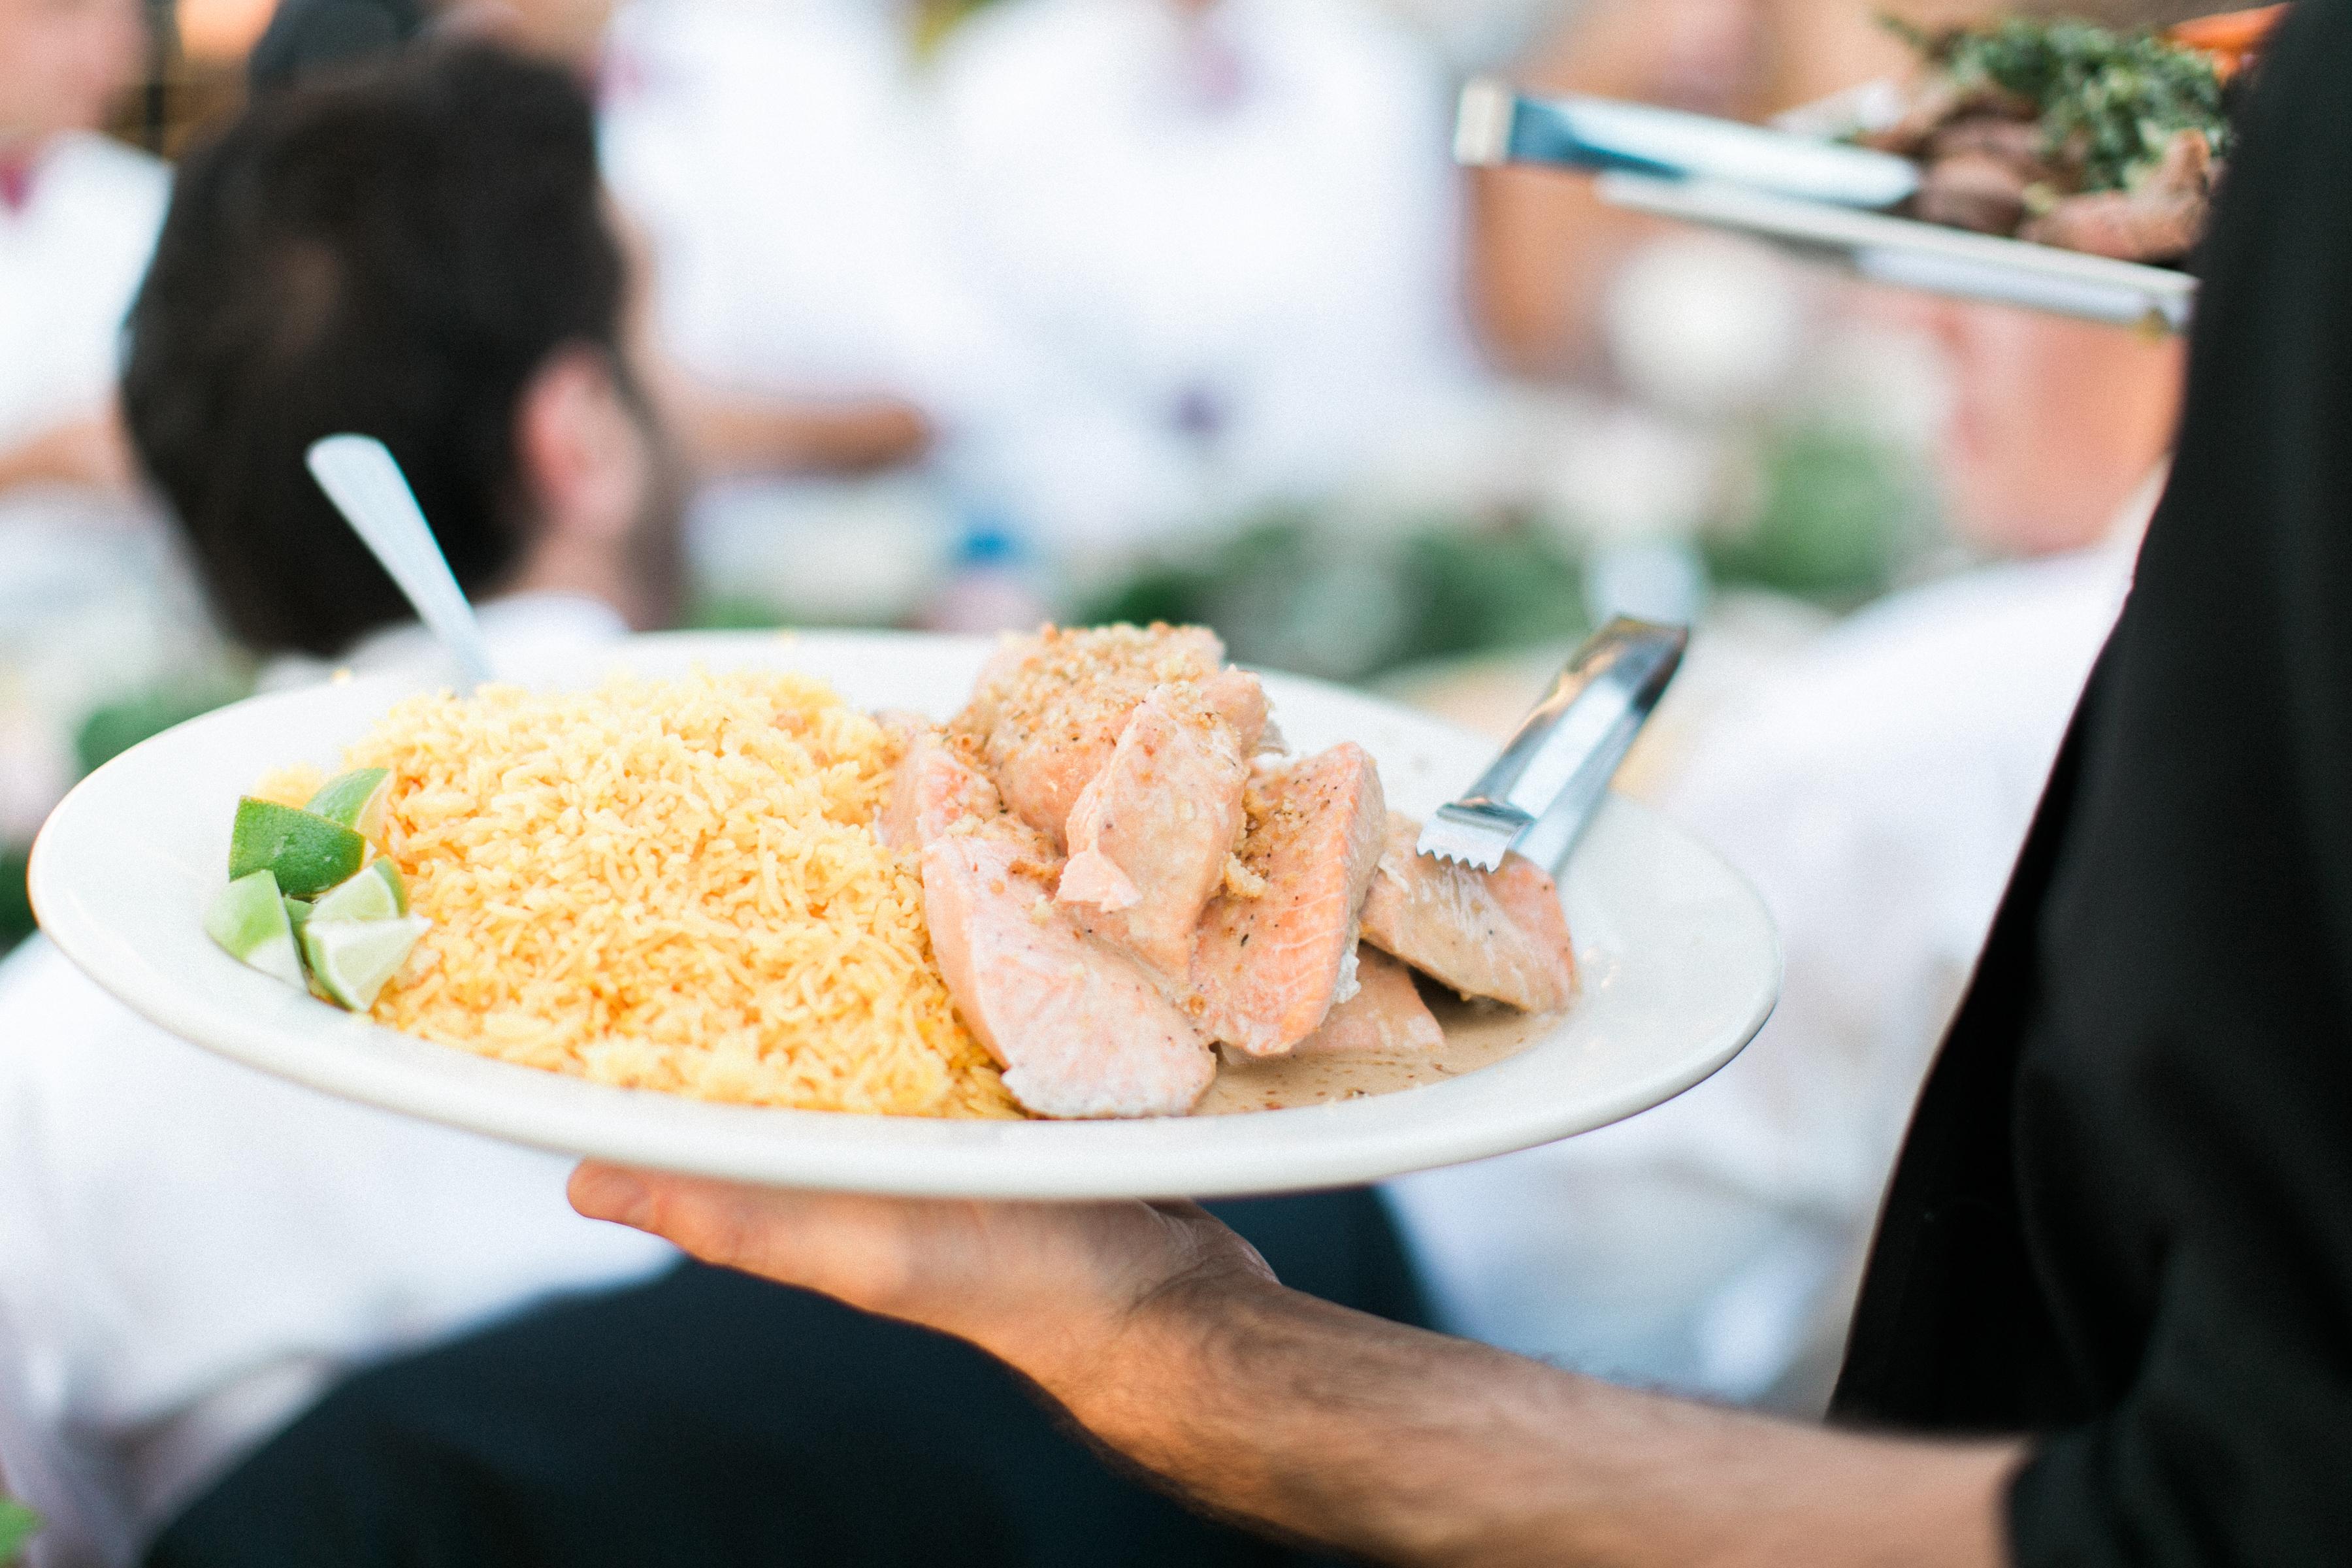 Salmon & Saffron Rice Family Style